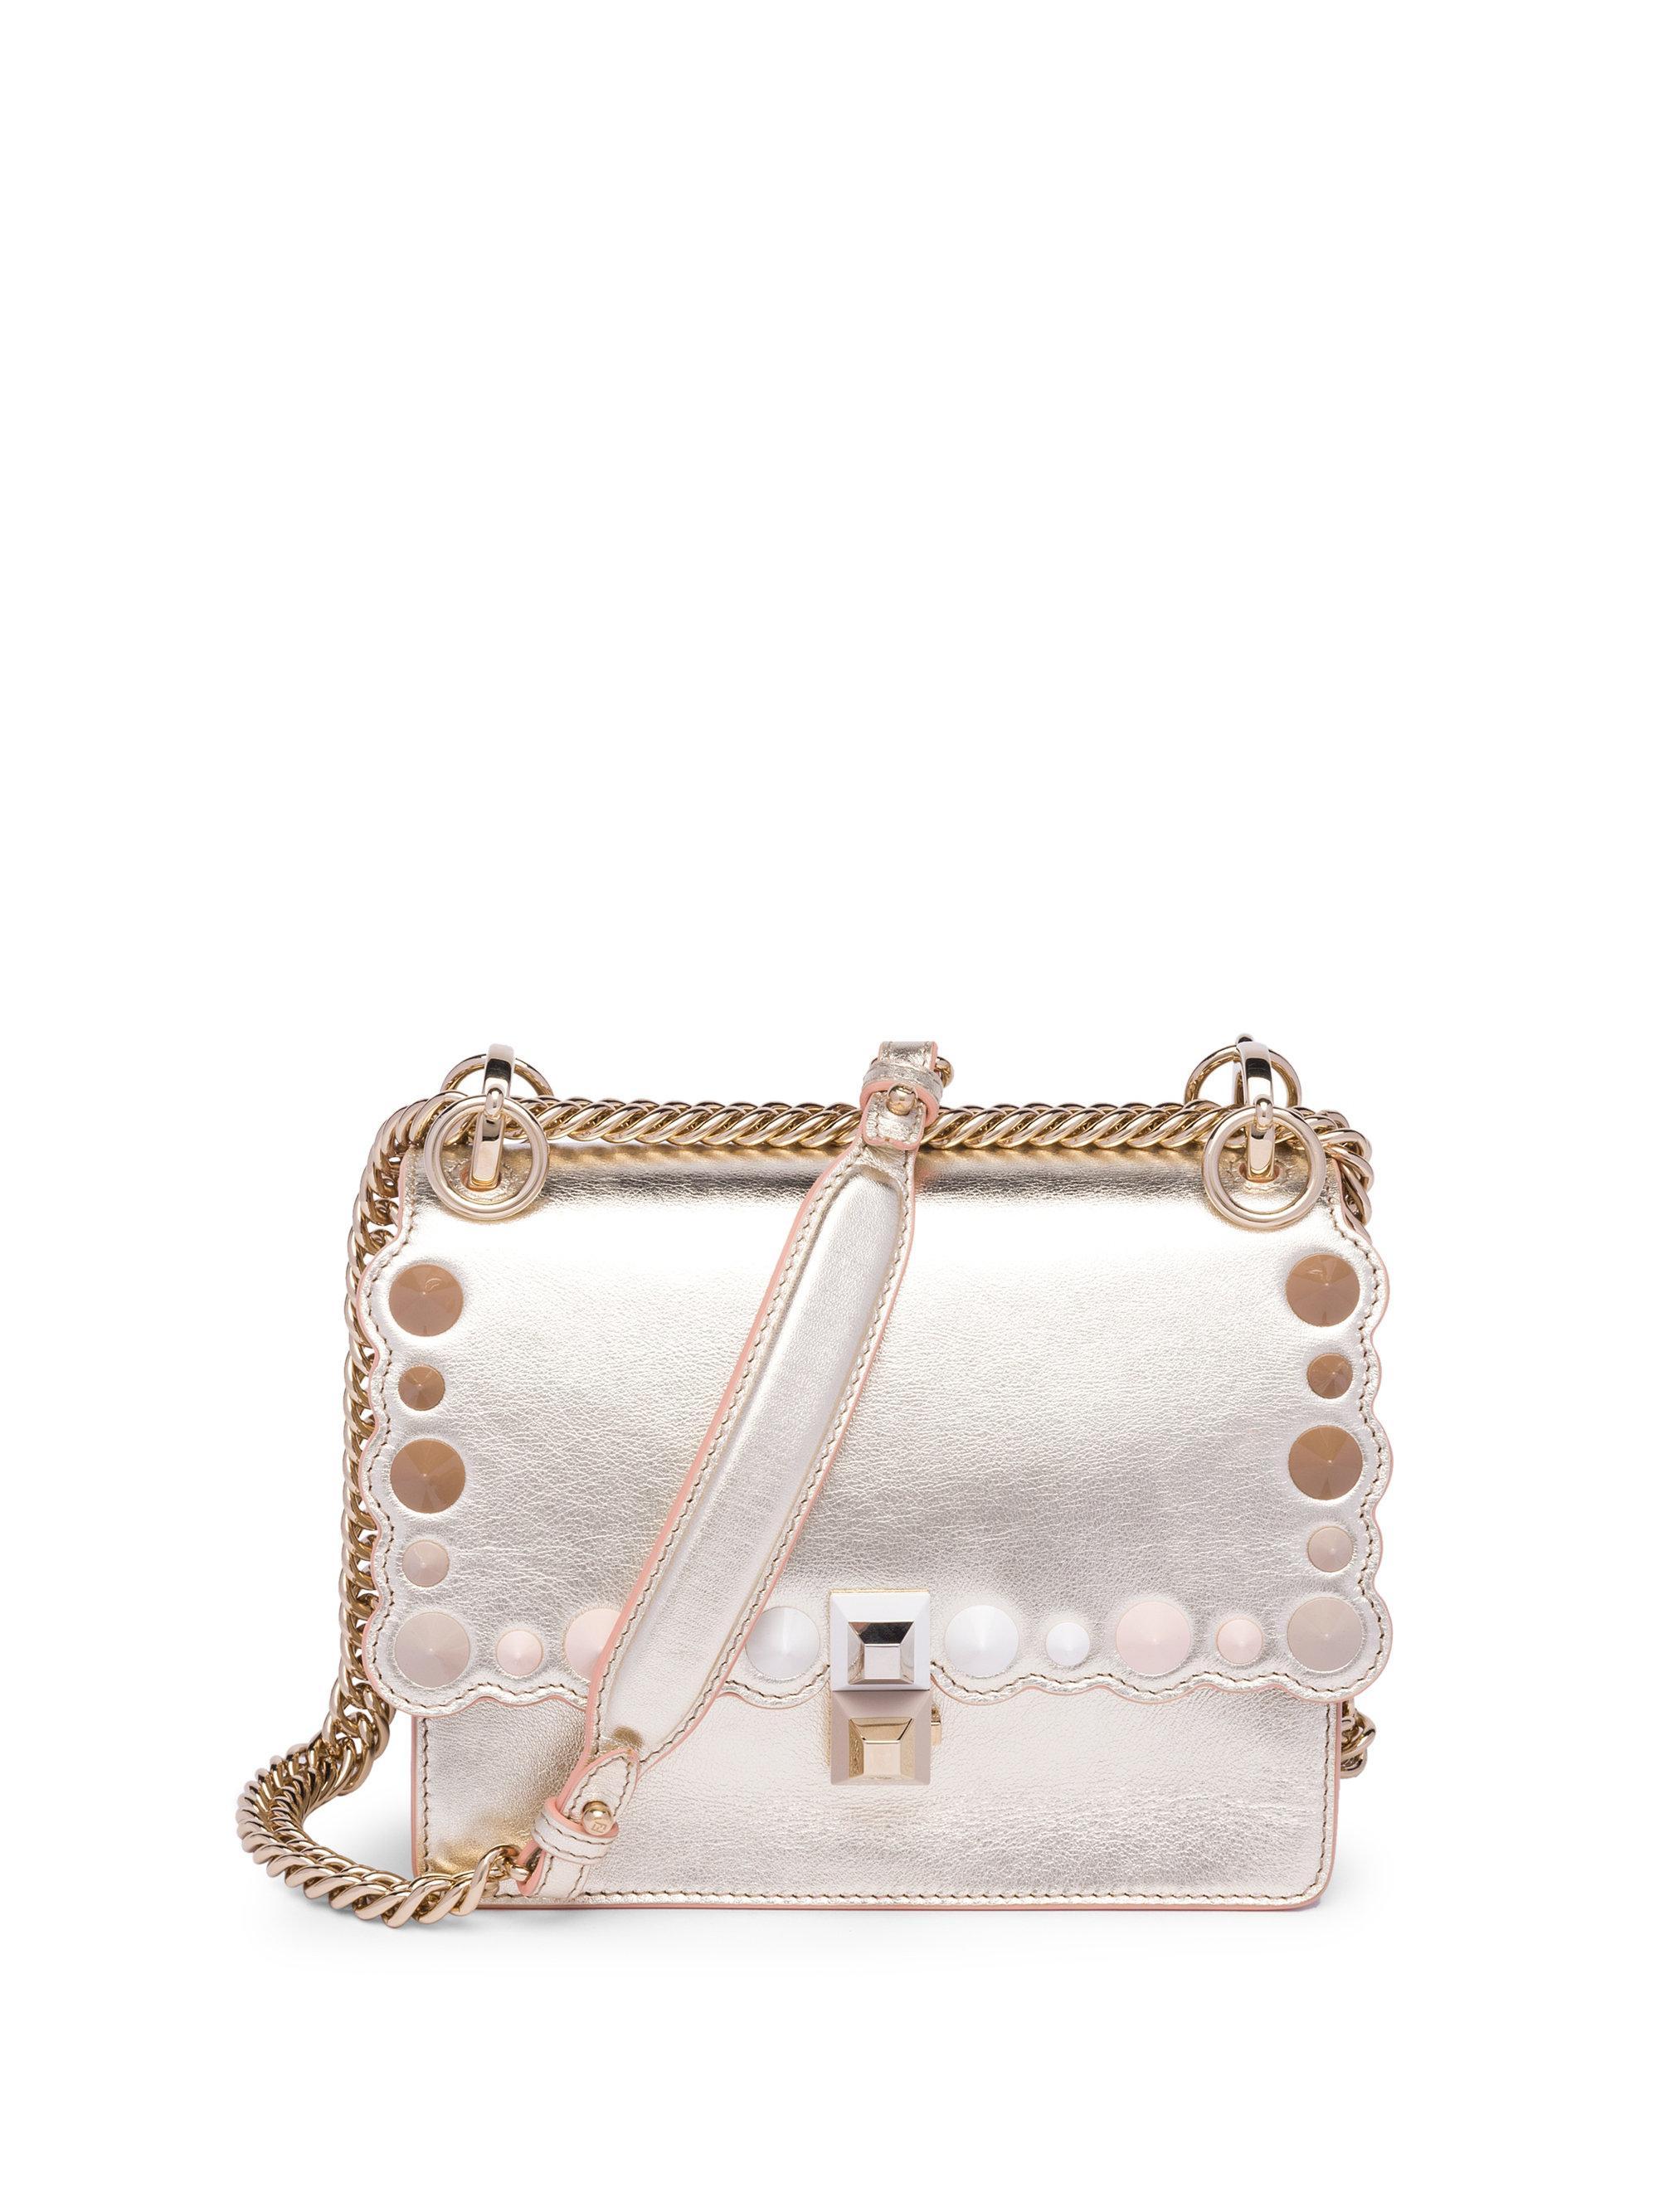 b42ce7c8c20d Fendi. Women s Mini Metallic Kan Bag